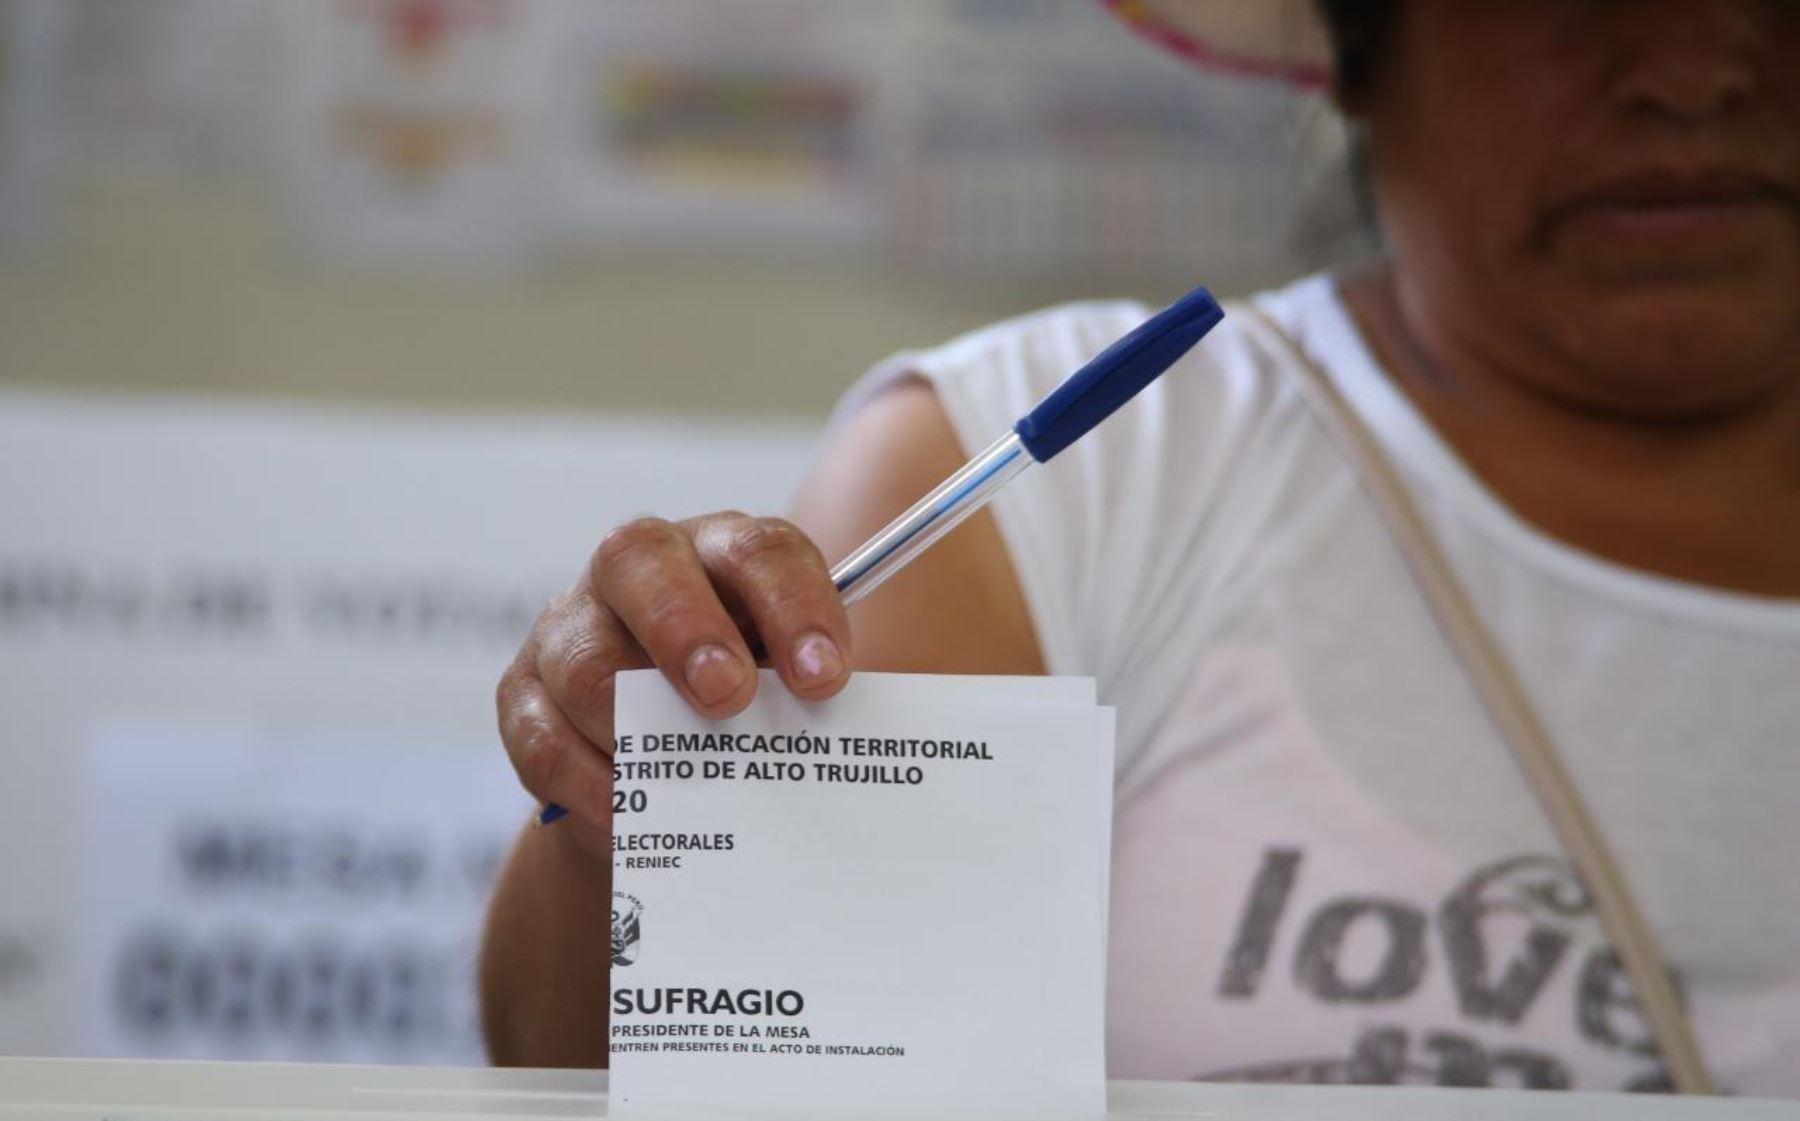 El JNE viene fiscalizando el normal desarrollo del proceso electoral de consulta vecinal, en los distritos de El Porvenir y Florencia de Mora, región LaLibertad, donde se decidirá la propuesta de creación del distrito de Alto Trujillo. Foto: JNE/Difusión